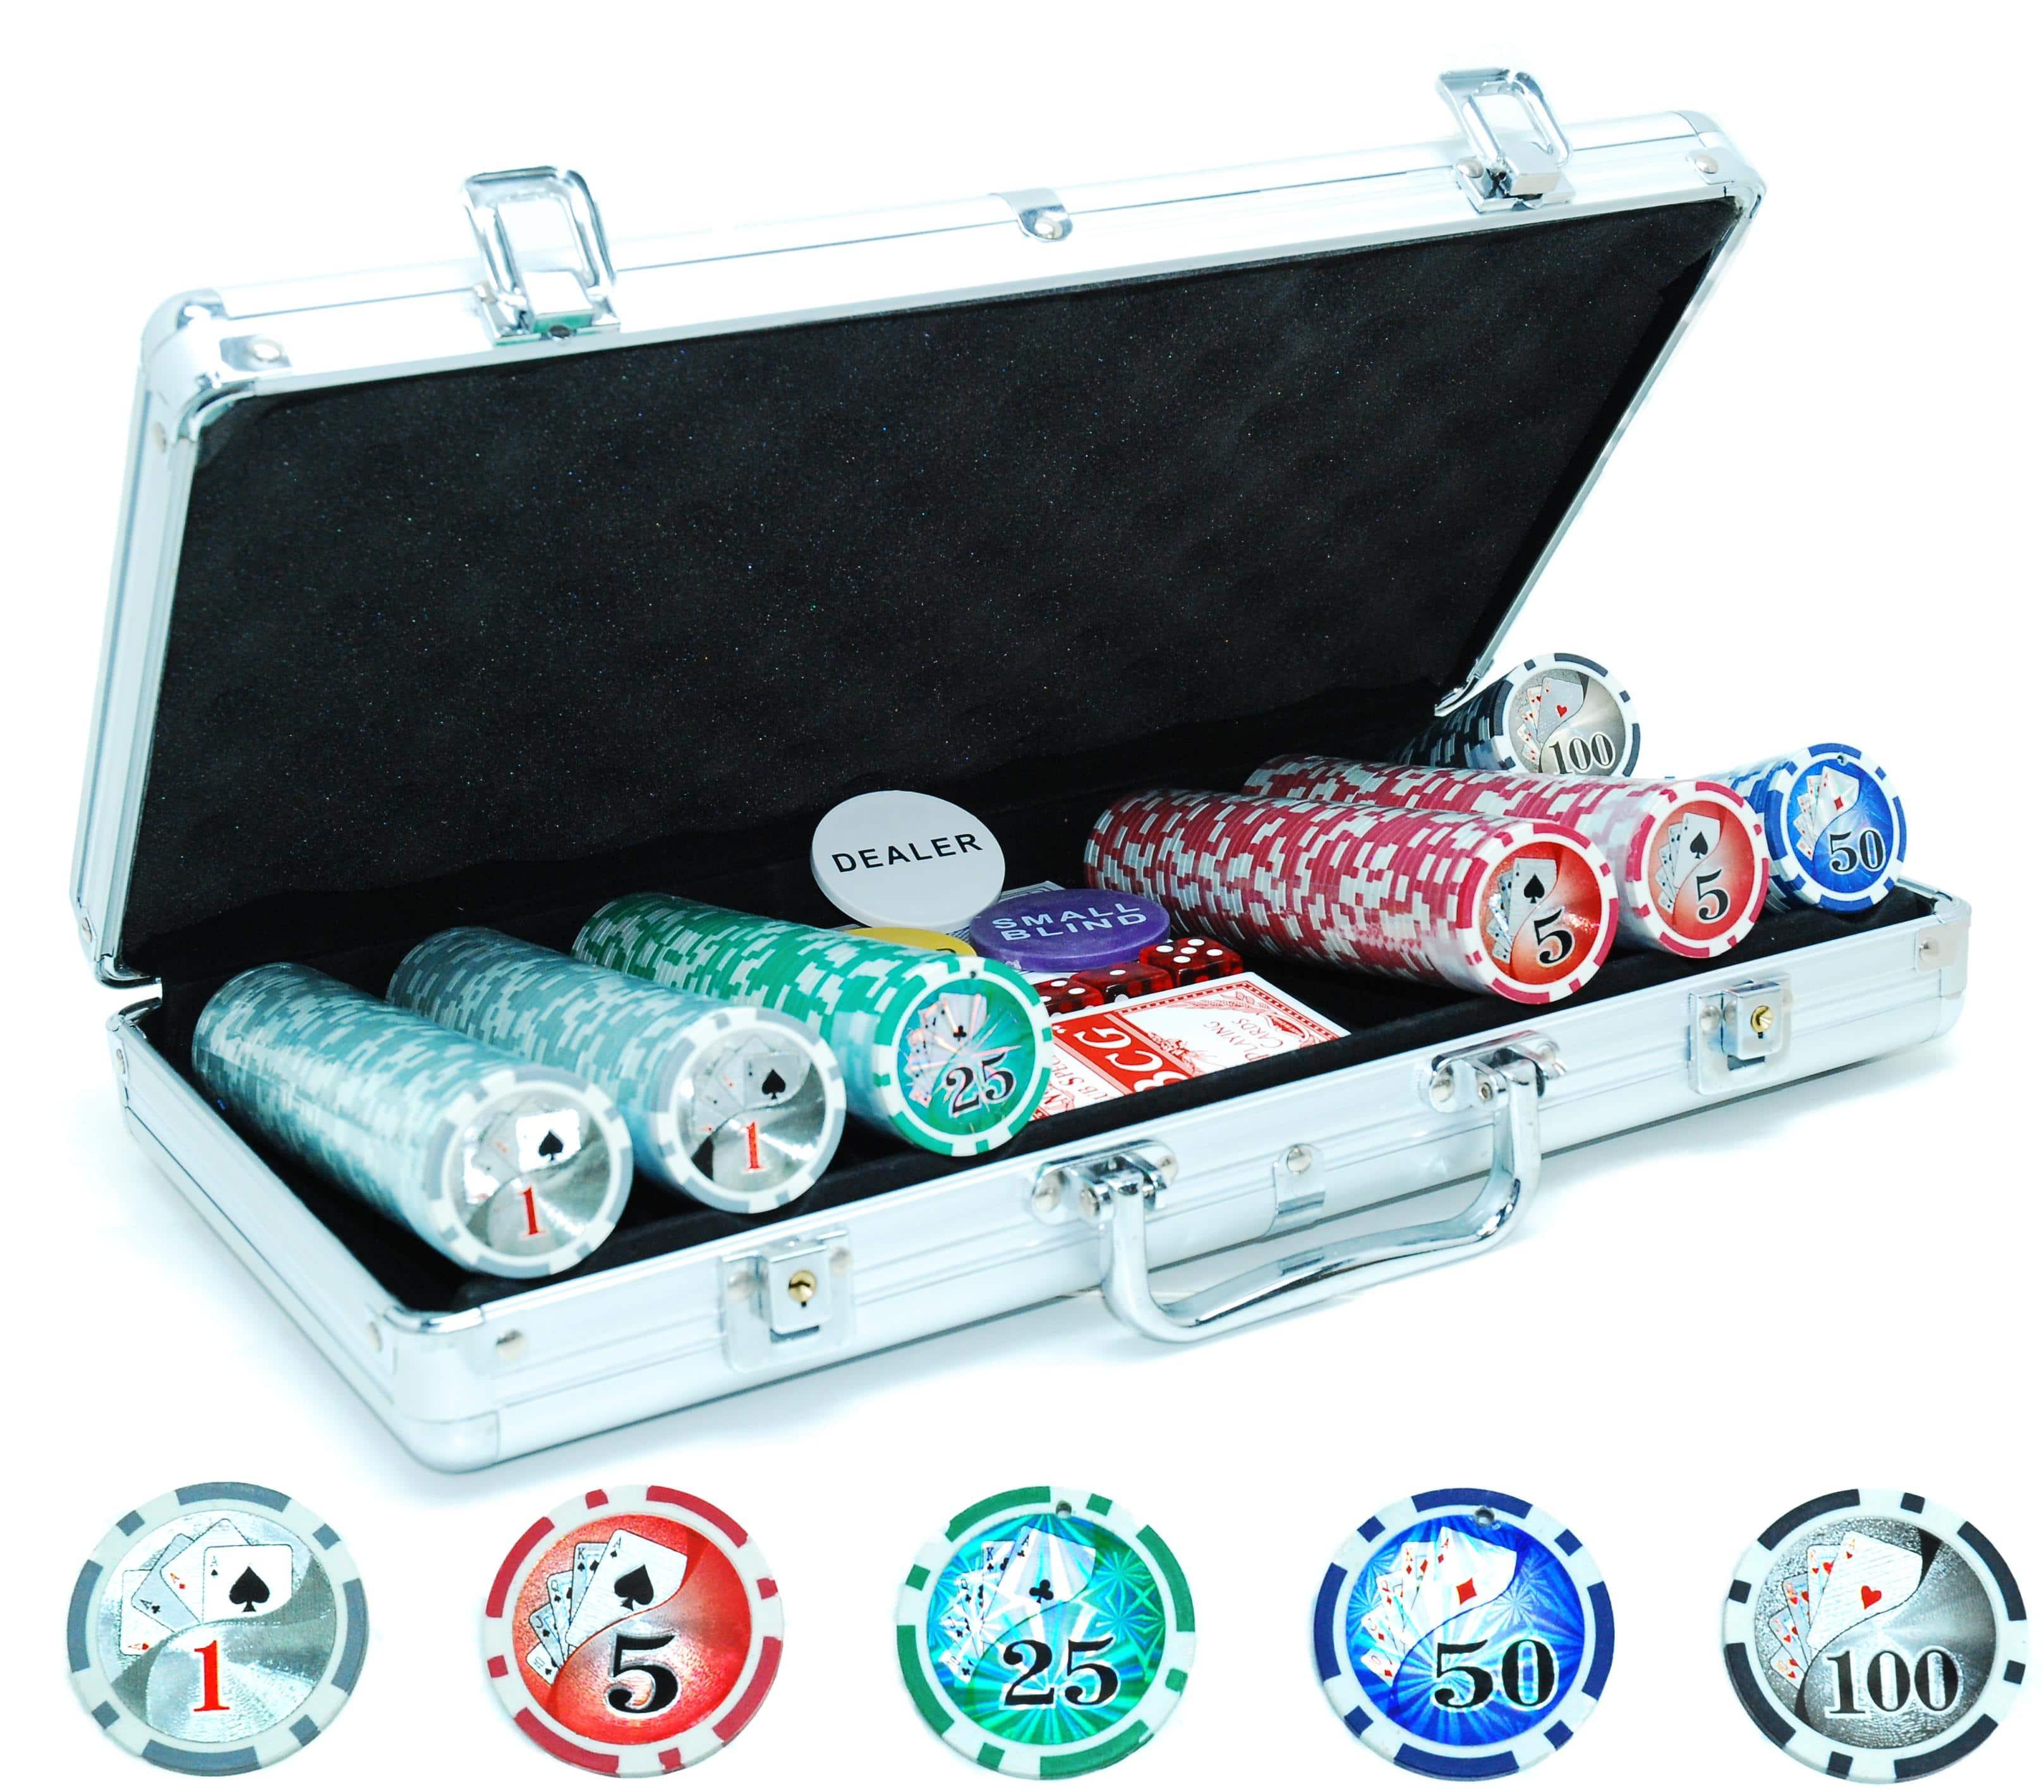 Poker koffer: 300 laserpokerfiches